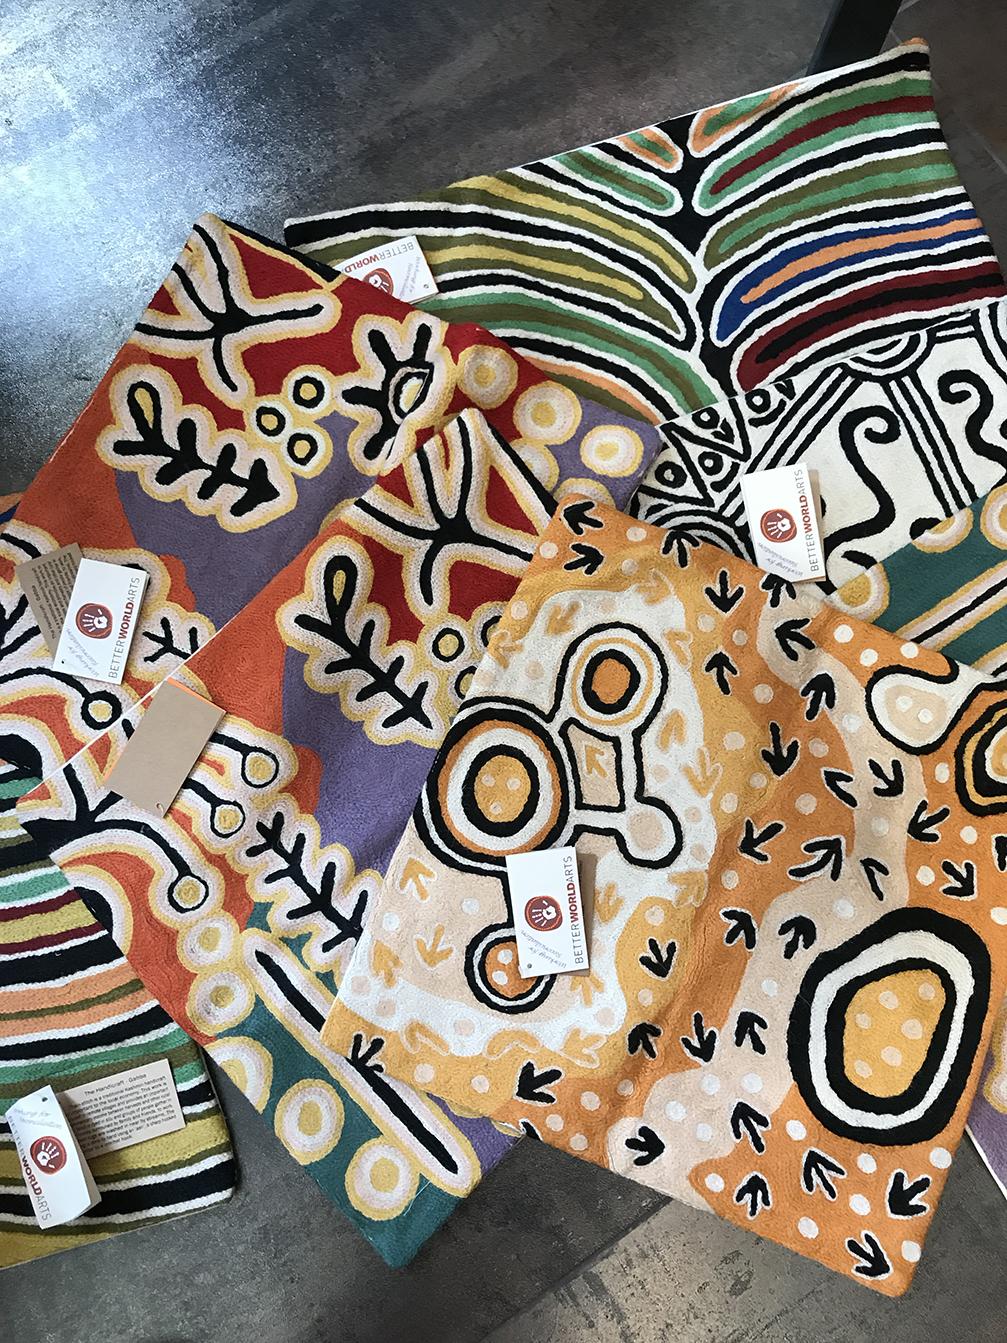 nouvel arrivage coussins aborigènes-3-temaglerie